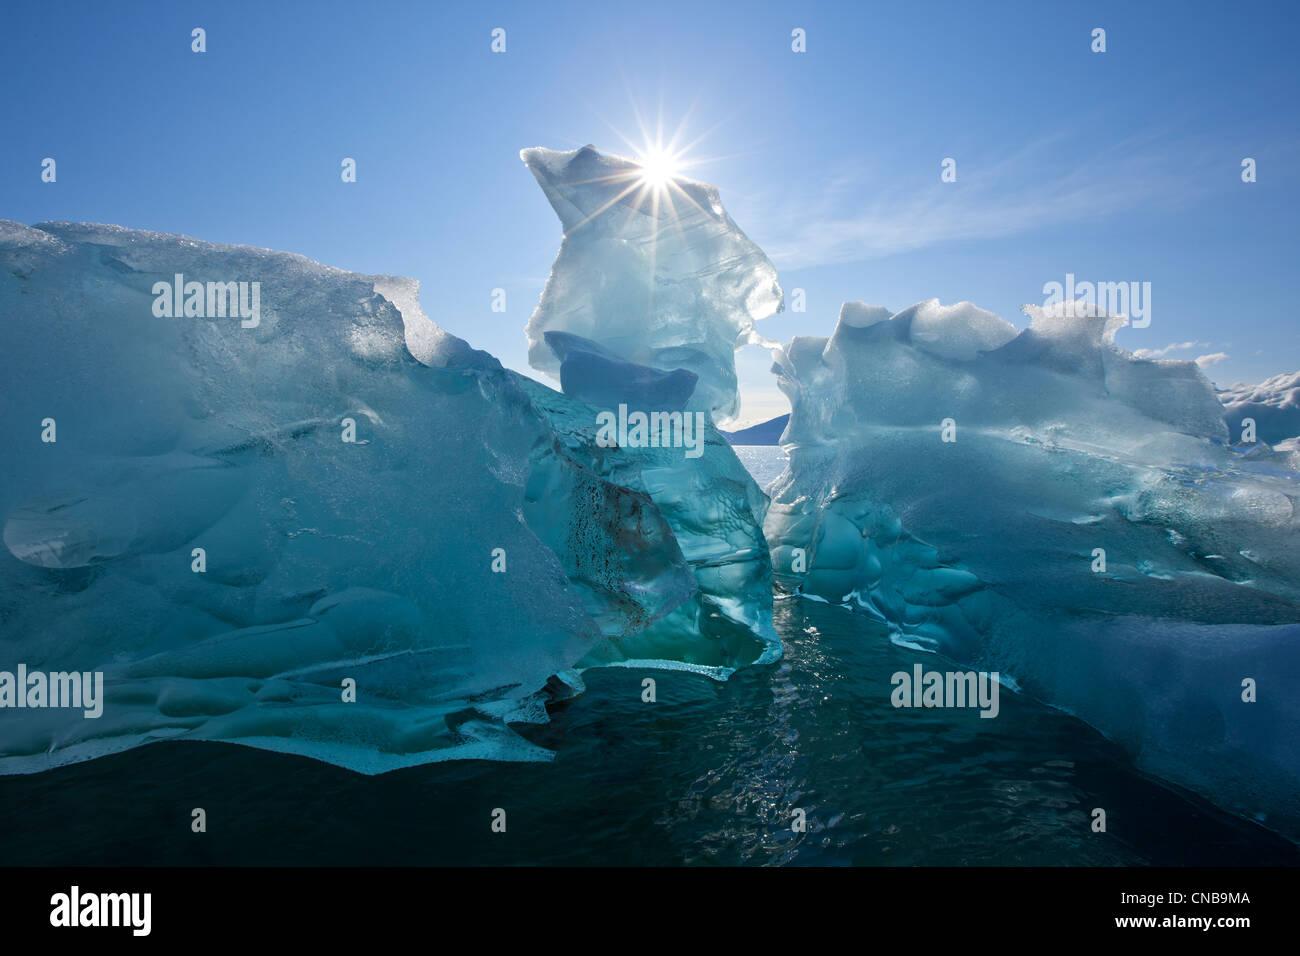 Un iceberg flottant sur les eaux calmes de Holkham Bay à l'entrée de Tracy Arm, le sud-est de l'Alaska, Photo Stock